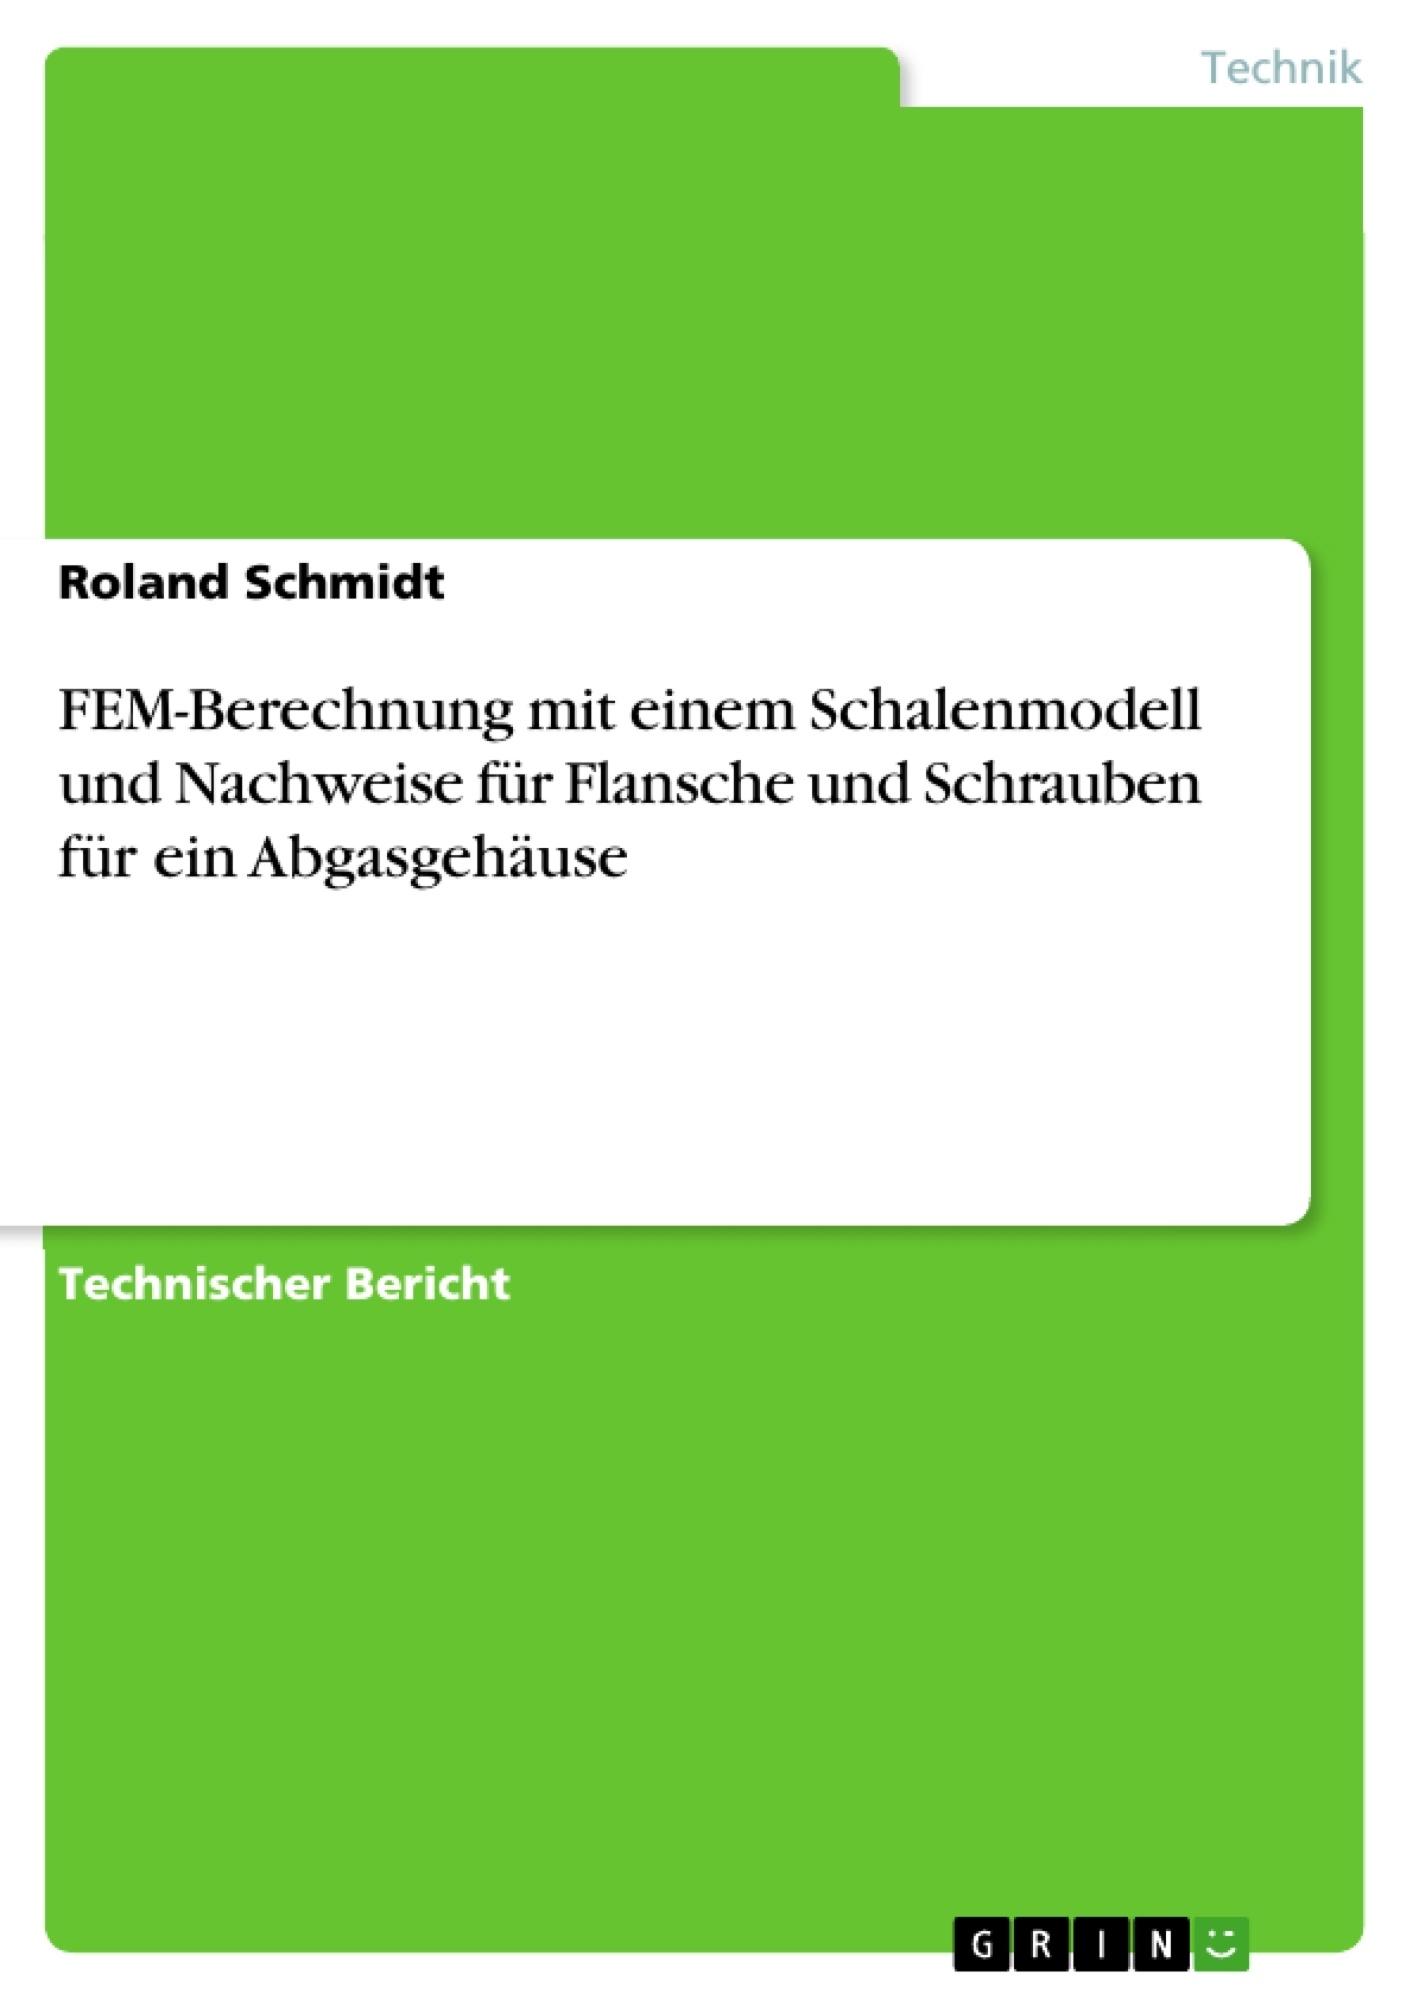 Titel: FEM-Berechnung mit einem Schalenmodell und Nachweise für Flansche und Schrauben für ein Abgasgehäuse